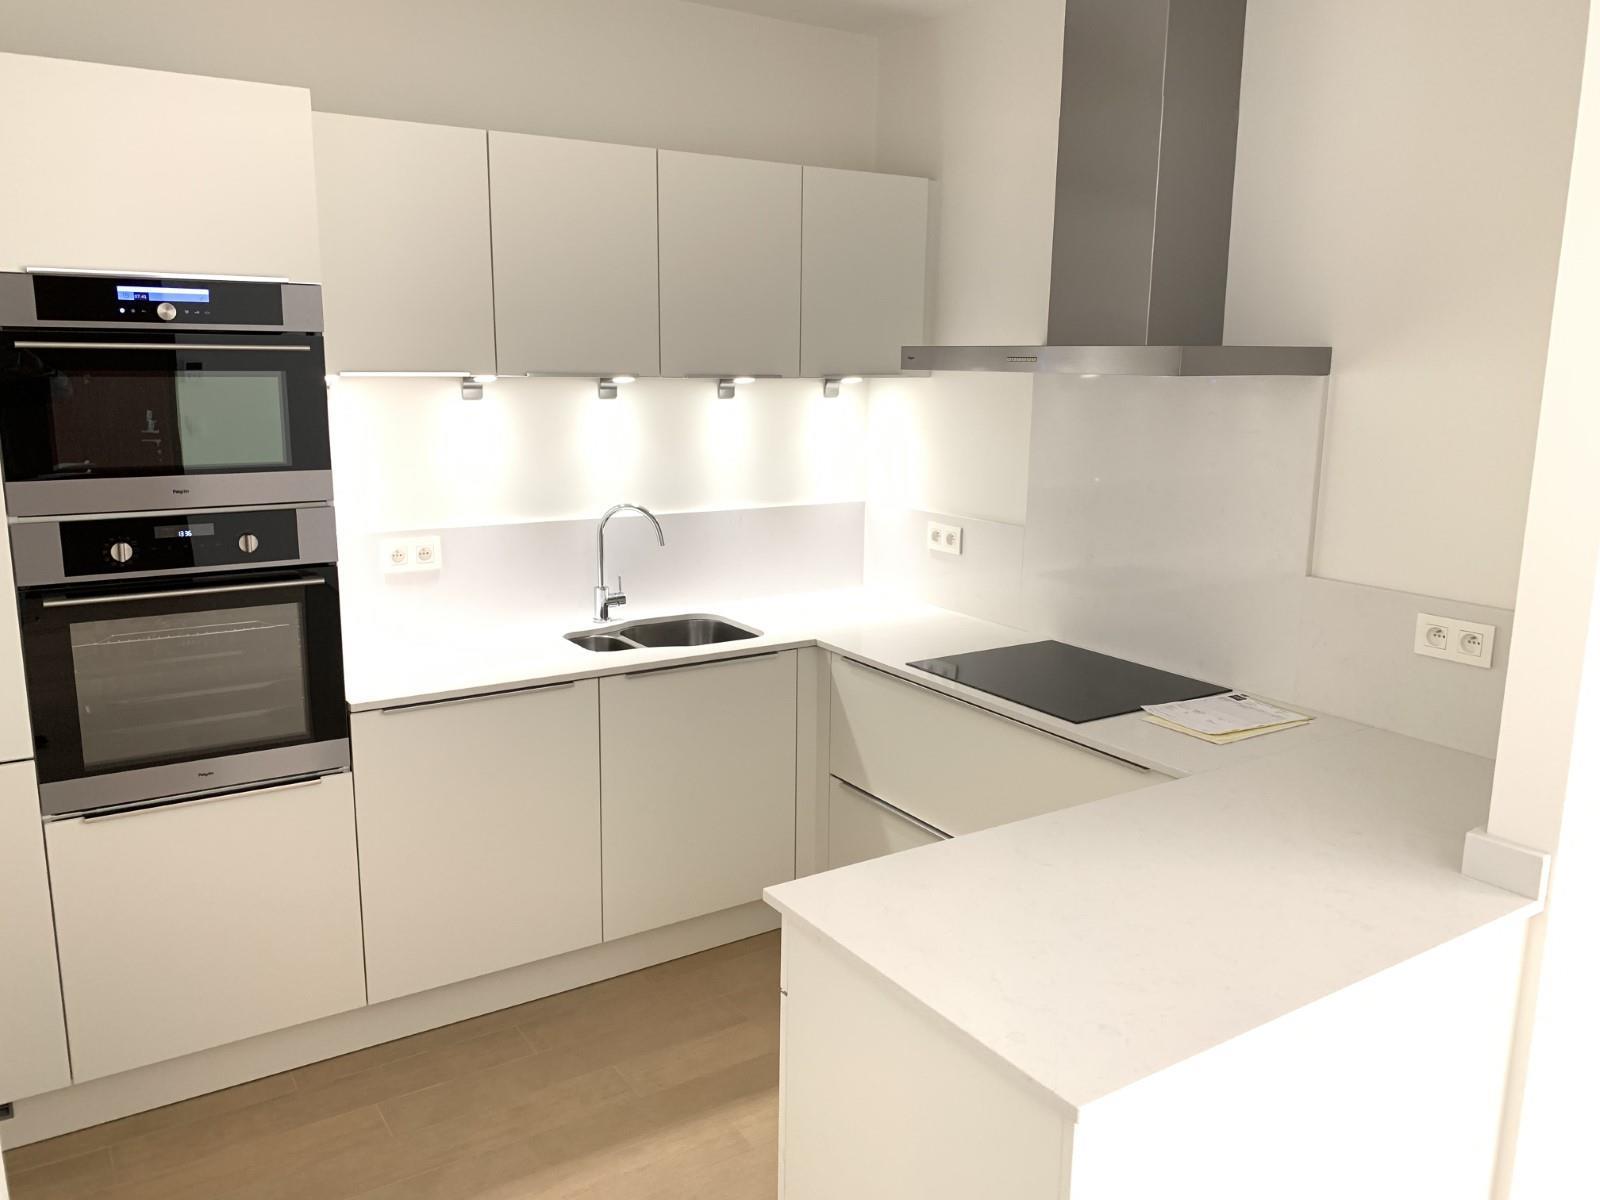 Appartement exceptionnel - Ixelles - #3918742-10